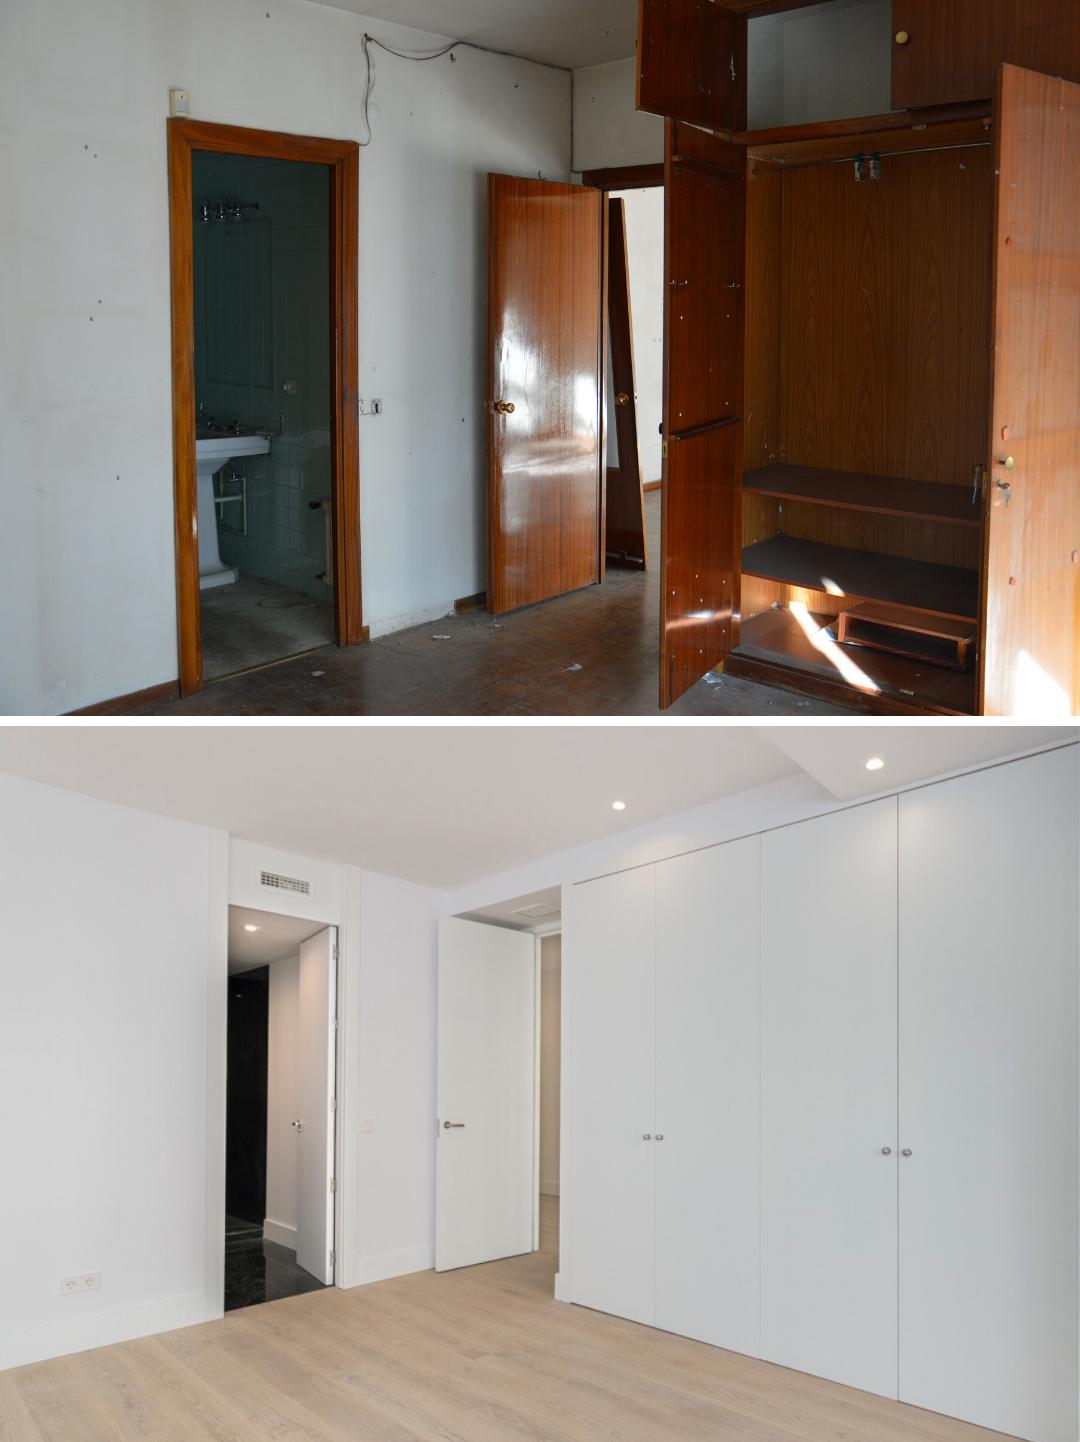 Antes y despues de reformar dormitorio de piso centrico en Madrid